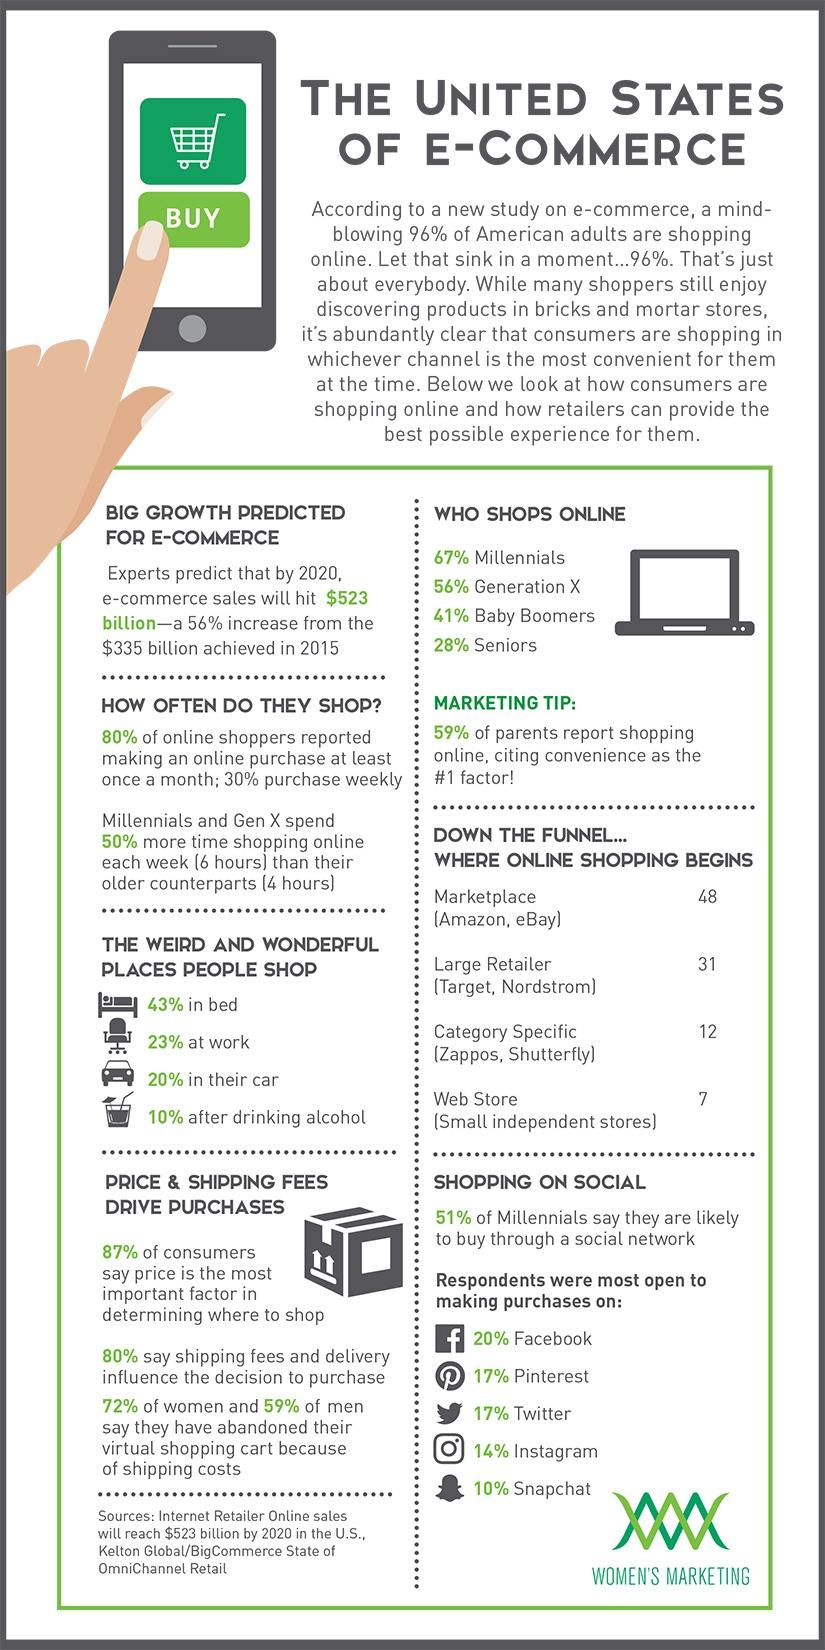 UnitedStatesofECommerce_Infographic.jpg